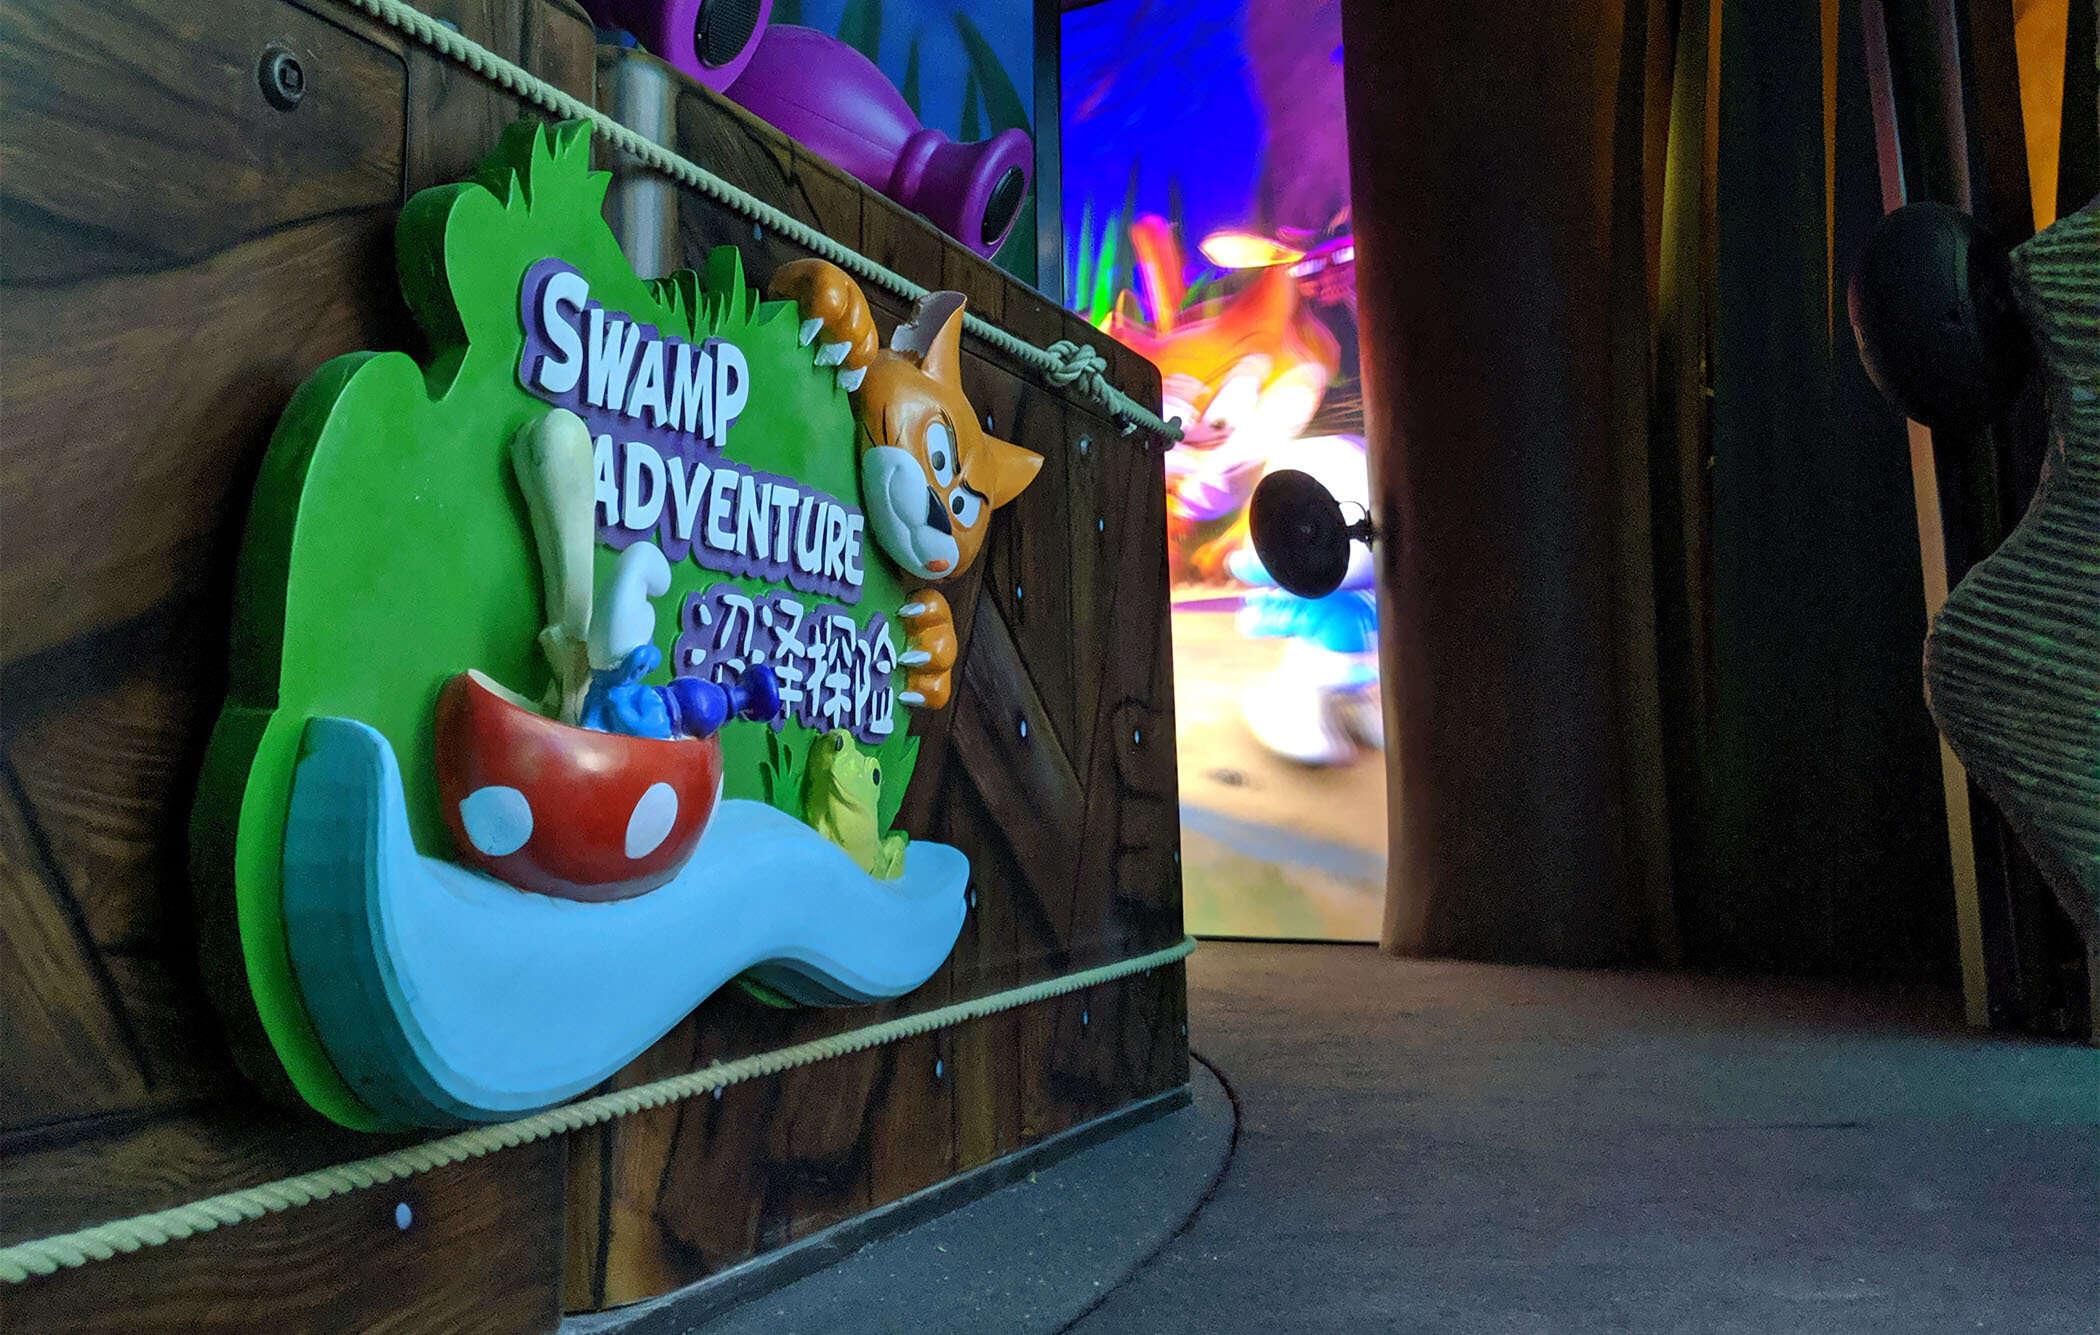 Smurfs gamechanger v1